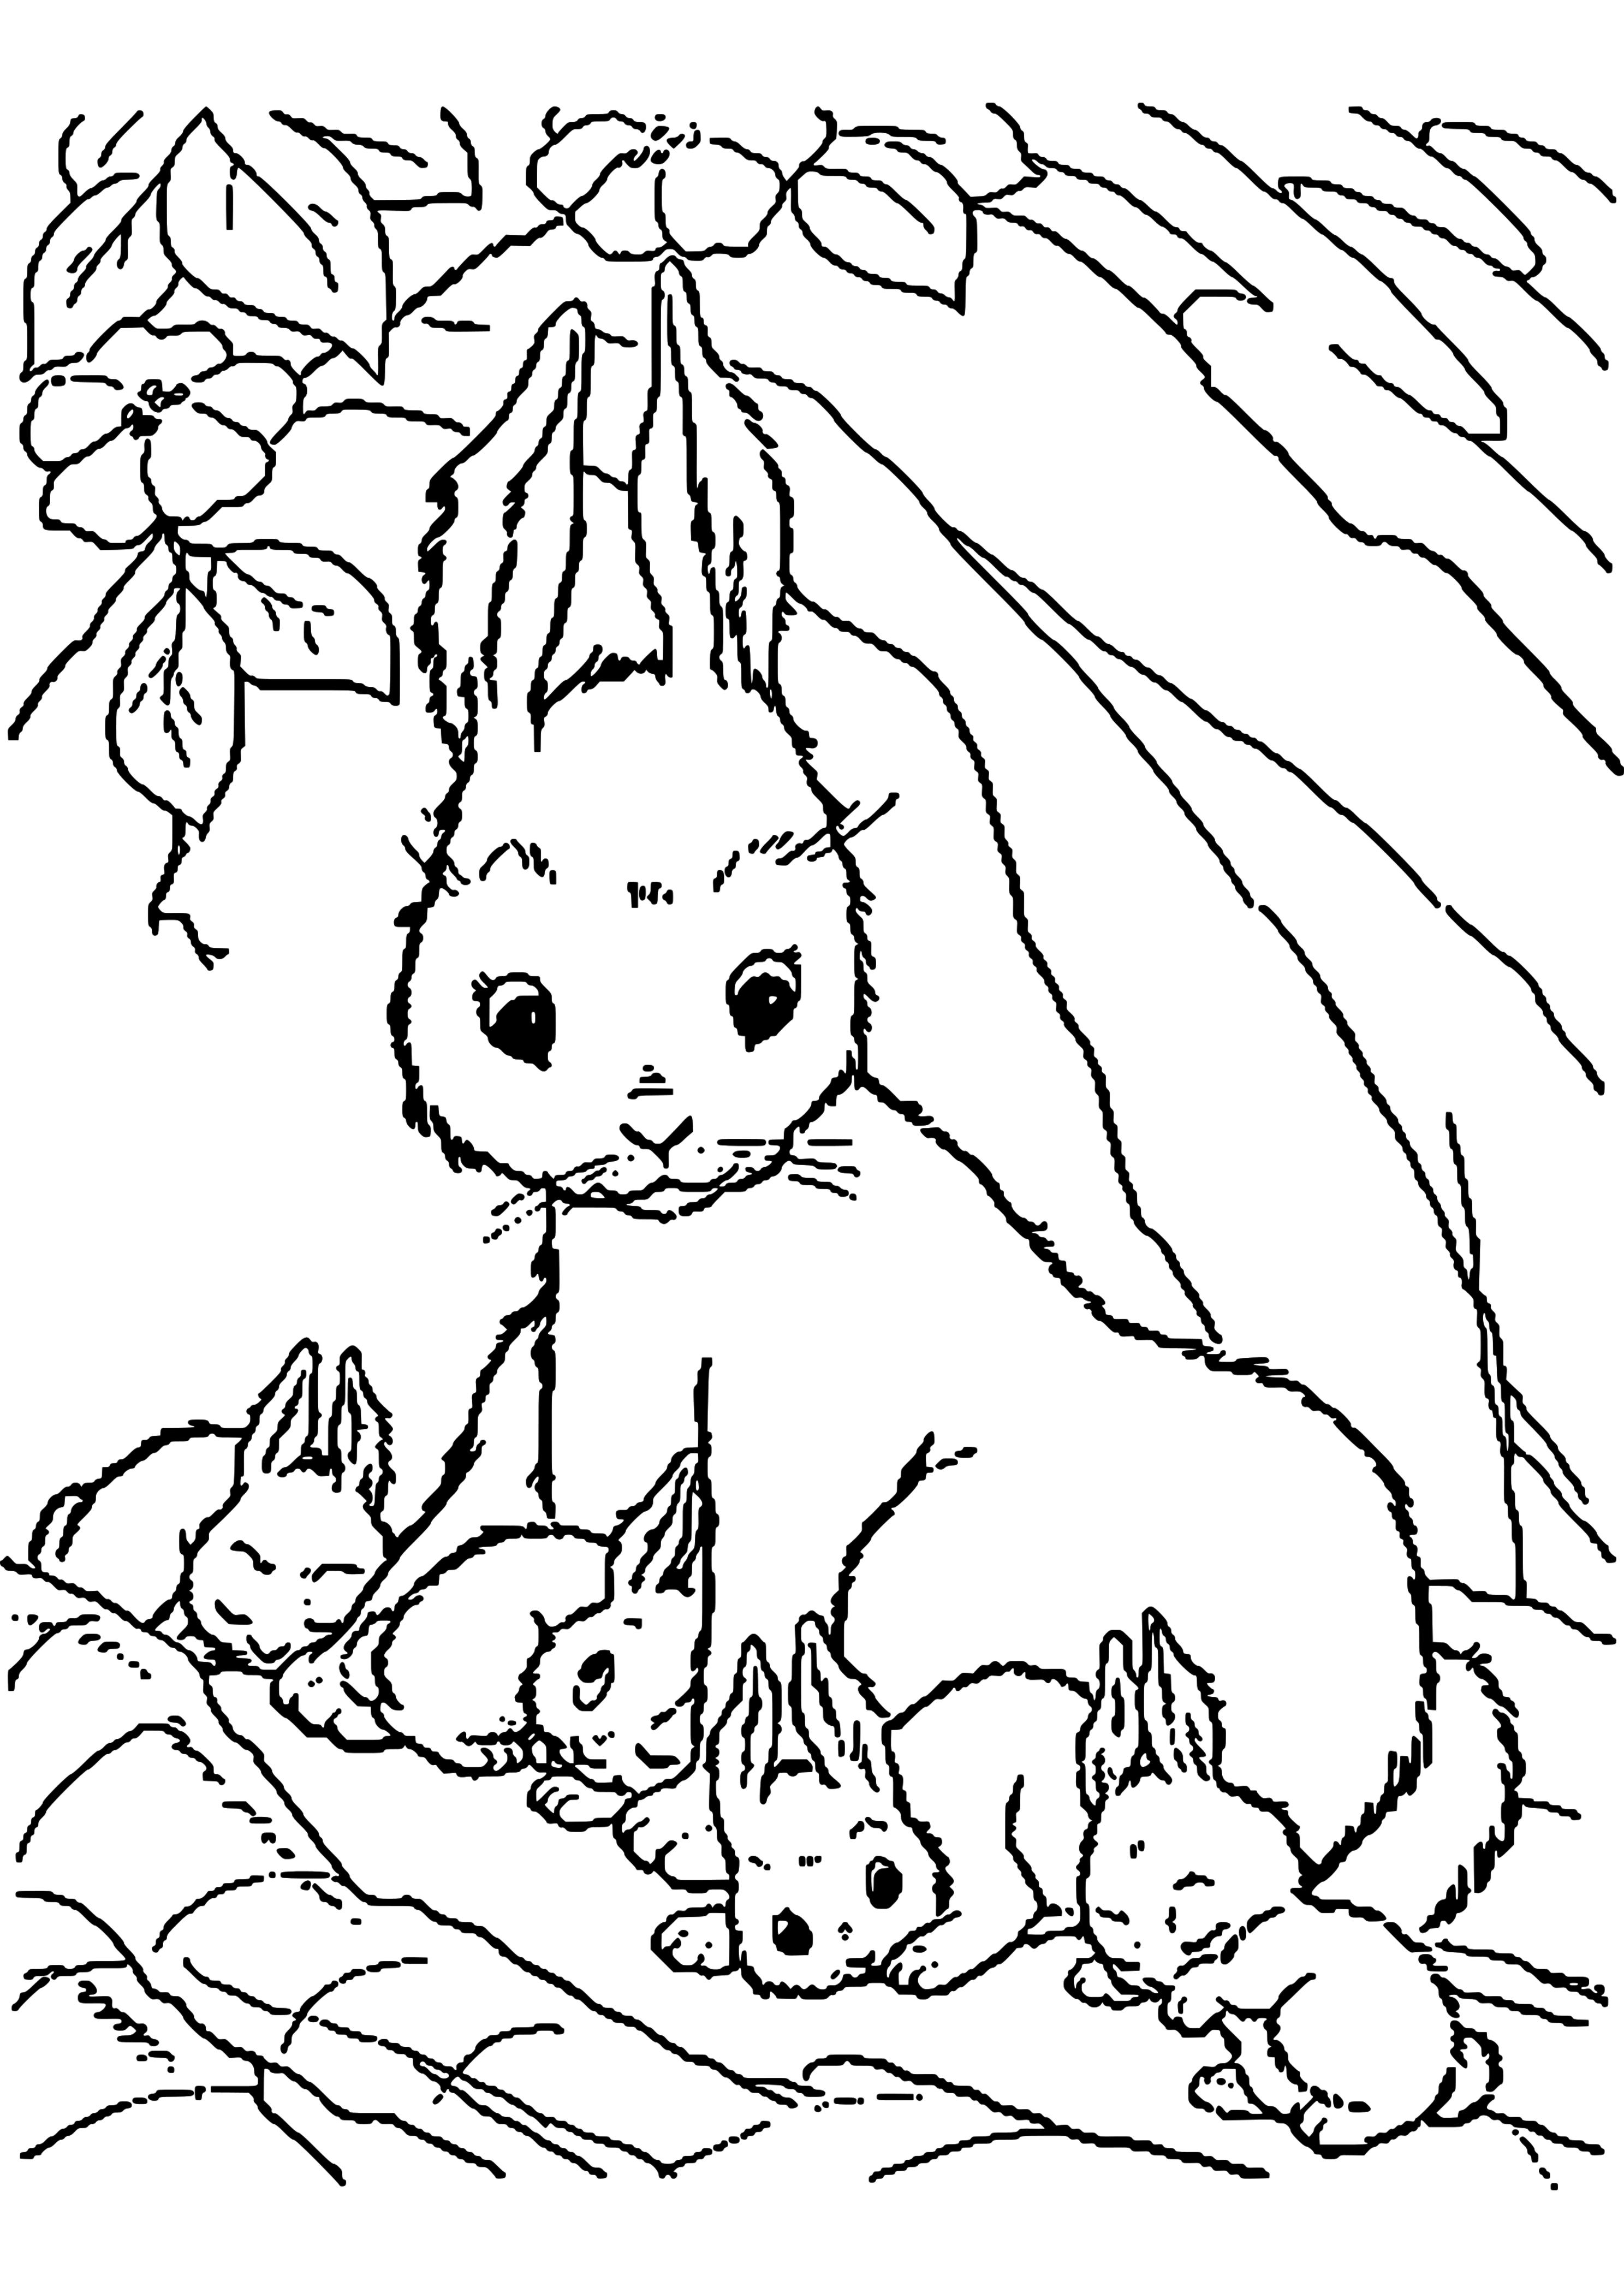 Ausmalbilder Kaninchen 6  Ausmalbilder tiere, Ausmalbilder